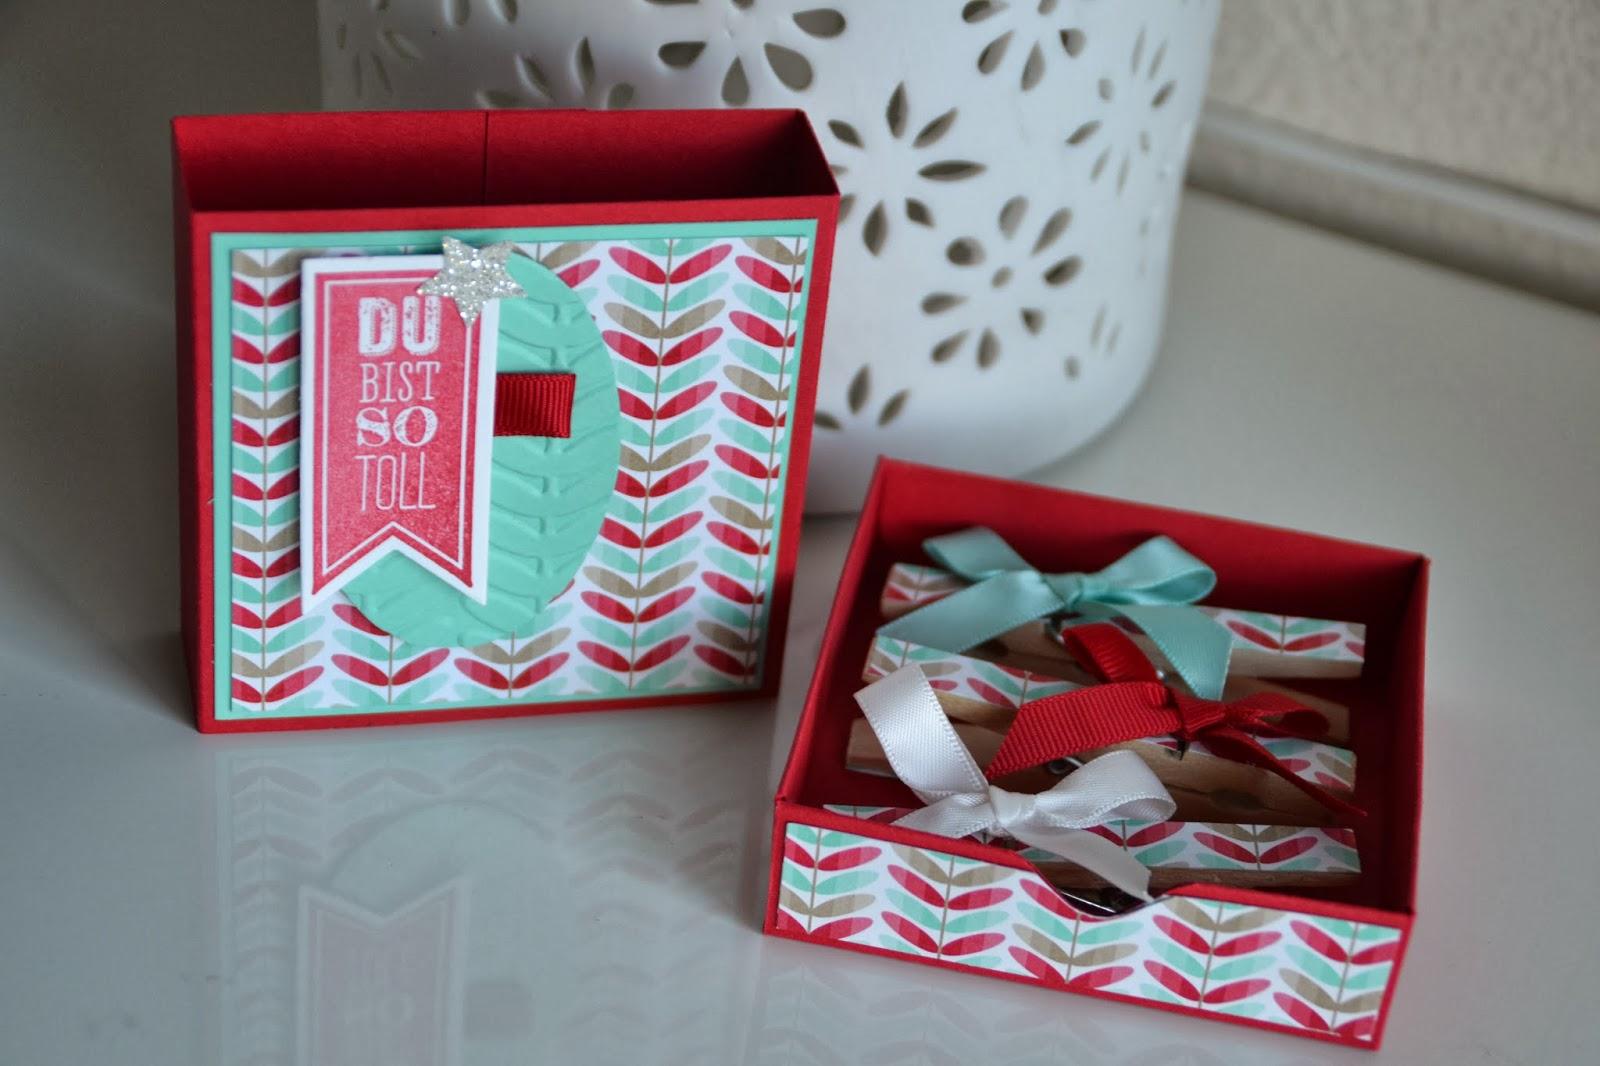 kreativ mit liebe heutige sammelbestellung und verpackung f r diverses. Black Bedroom Furniture Sets. Home Design Ideas